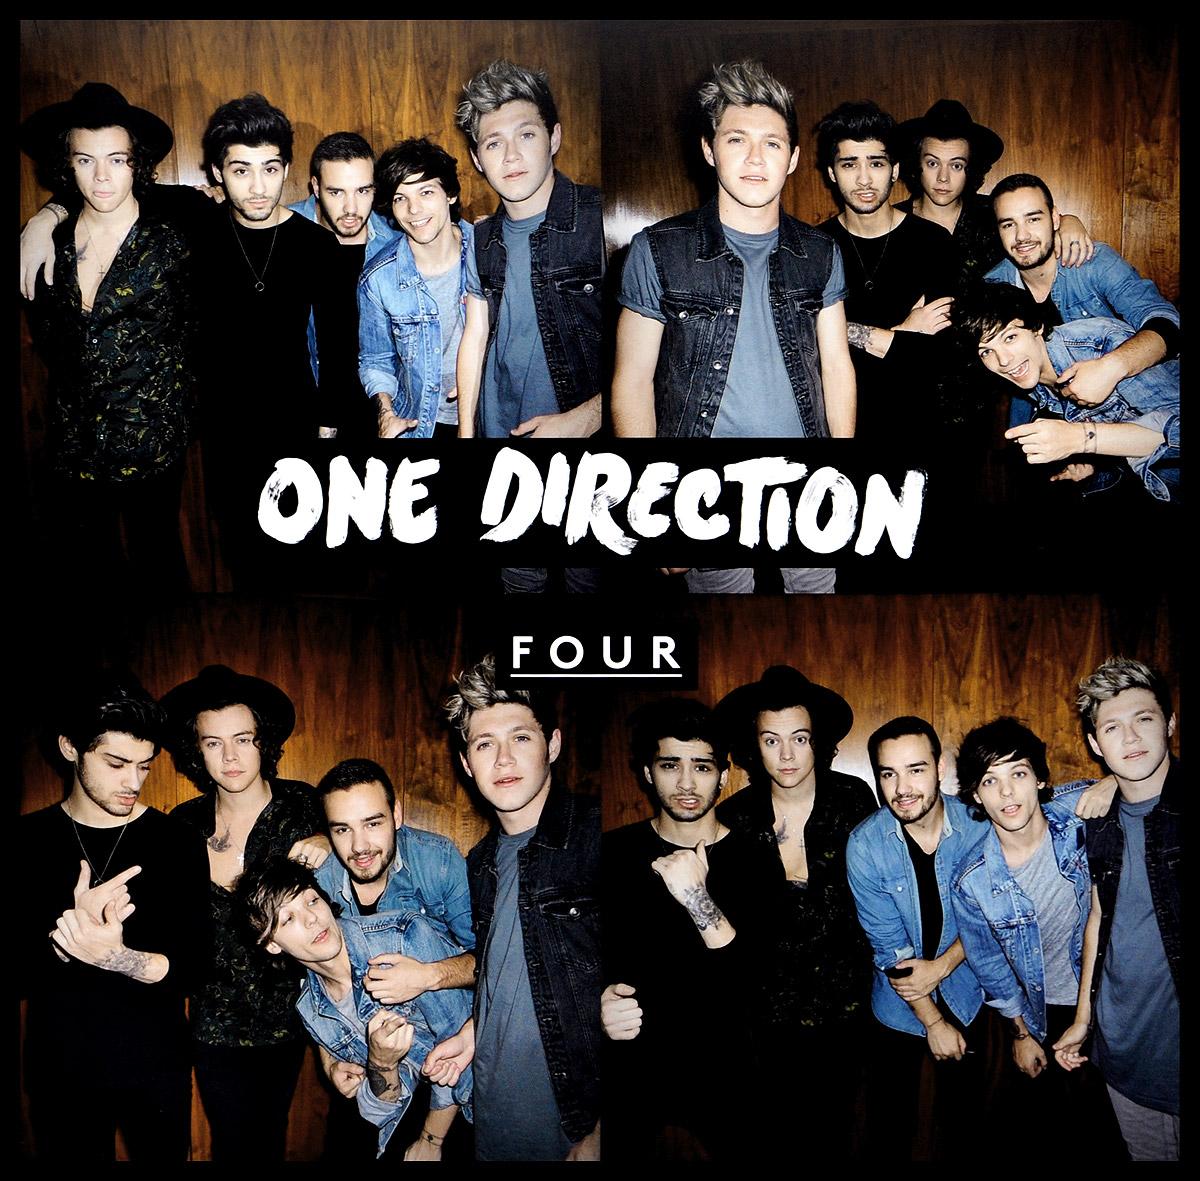 Новый студийный альбом FOUR, пожалуй, самой успешной группы планеты на данный момент, One Direction. Парни не скрывают, что хотели бы повторить успех предыдущего релиза Midnight Memories, ставшего самым продаваемым альбомом 2013 года. Мировая премьера новой работы коллектива состоится 17 ноября. Название альбома означает одновременно и четвертый по счету альбом и четыре года существования группы, за которые ребята сумели вырасти в звезд поистине мирового масштаба. Третий альбом Midnight Memories сделал их первой группой в истории шоу-бизнеса, каждый из трех релизов которой дебютировал на первой строчке американского Billboard, альбом стал №1 в 20 странах по всему миру! У новой масштабной работы шансы на грандиозный успех тоже более чем убедительные, ведь, во-первых, это будет самый откровенный альбом из всей дискографии коллектива, а во-вторых, он выходит вслед за грандиозным гастрольным туром